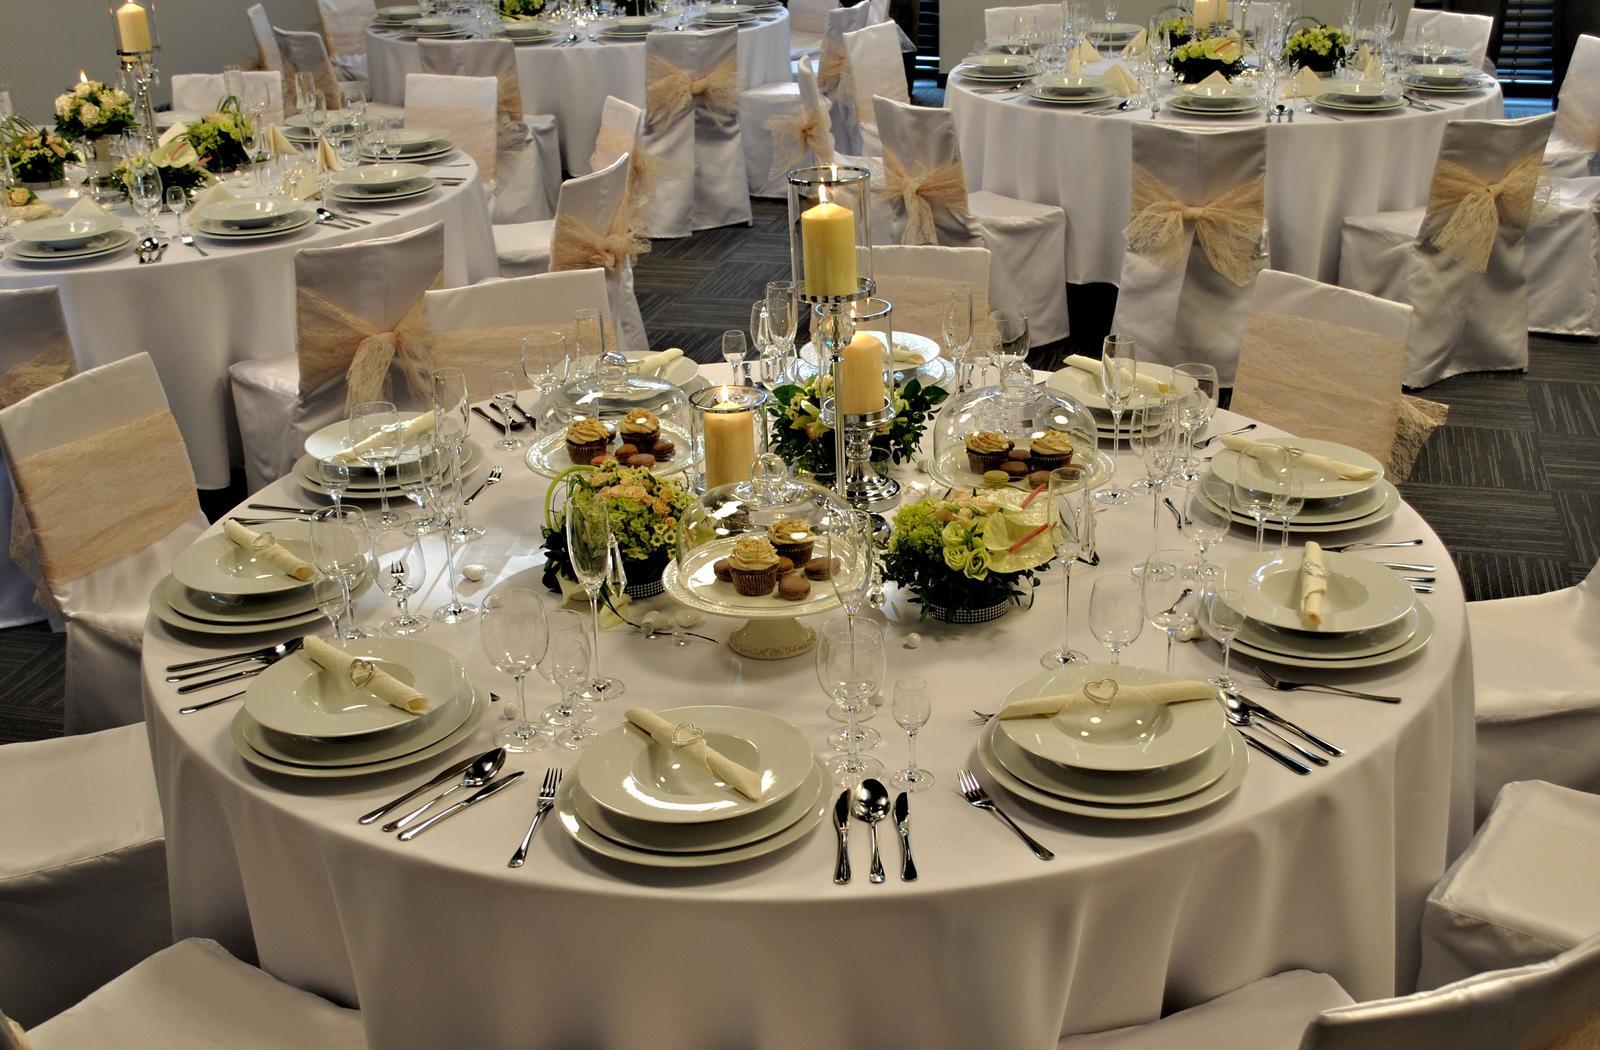 Svadba 26.09.2015 - Budu okruhle stoly, bezova vyzdoba.. tuto fotku mi poslali len z hotela na ukazku ako to asi vyzera..